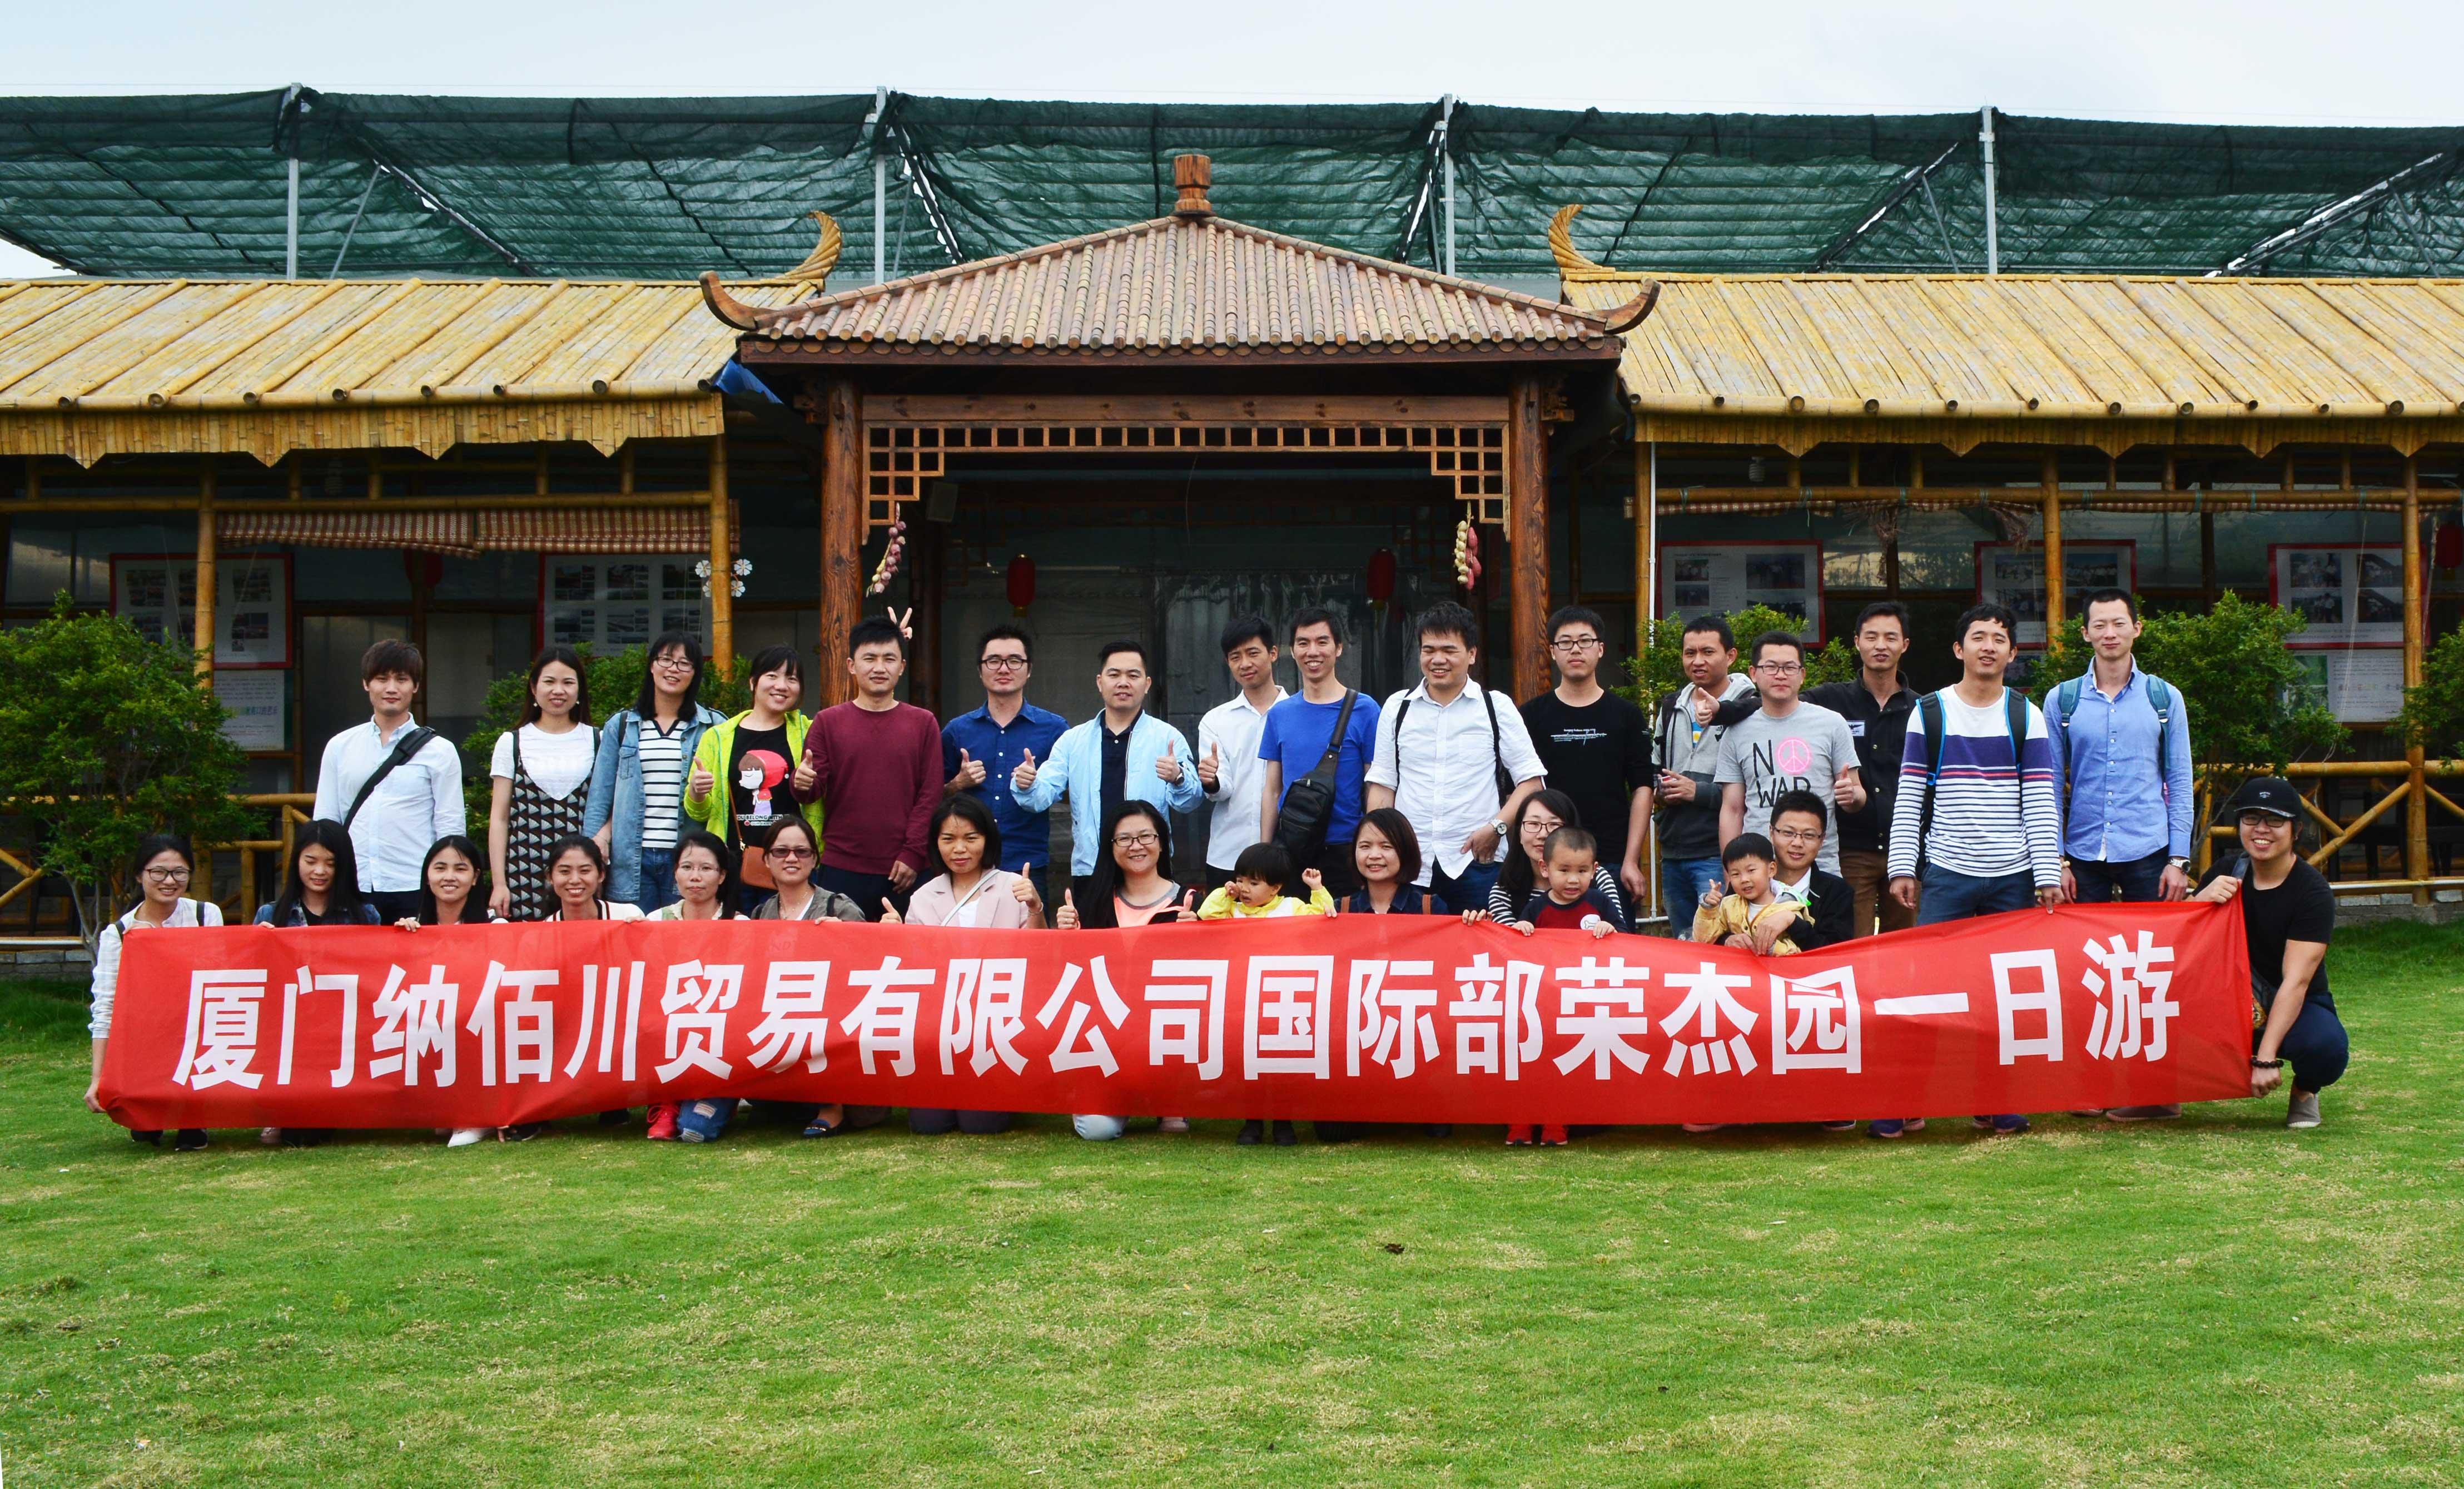 大陸公司的員工旅遊也會到榮杰園。